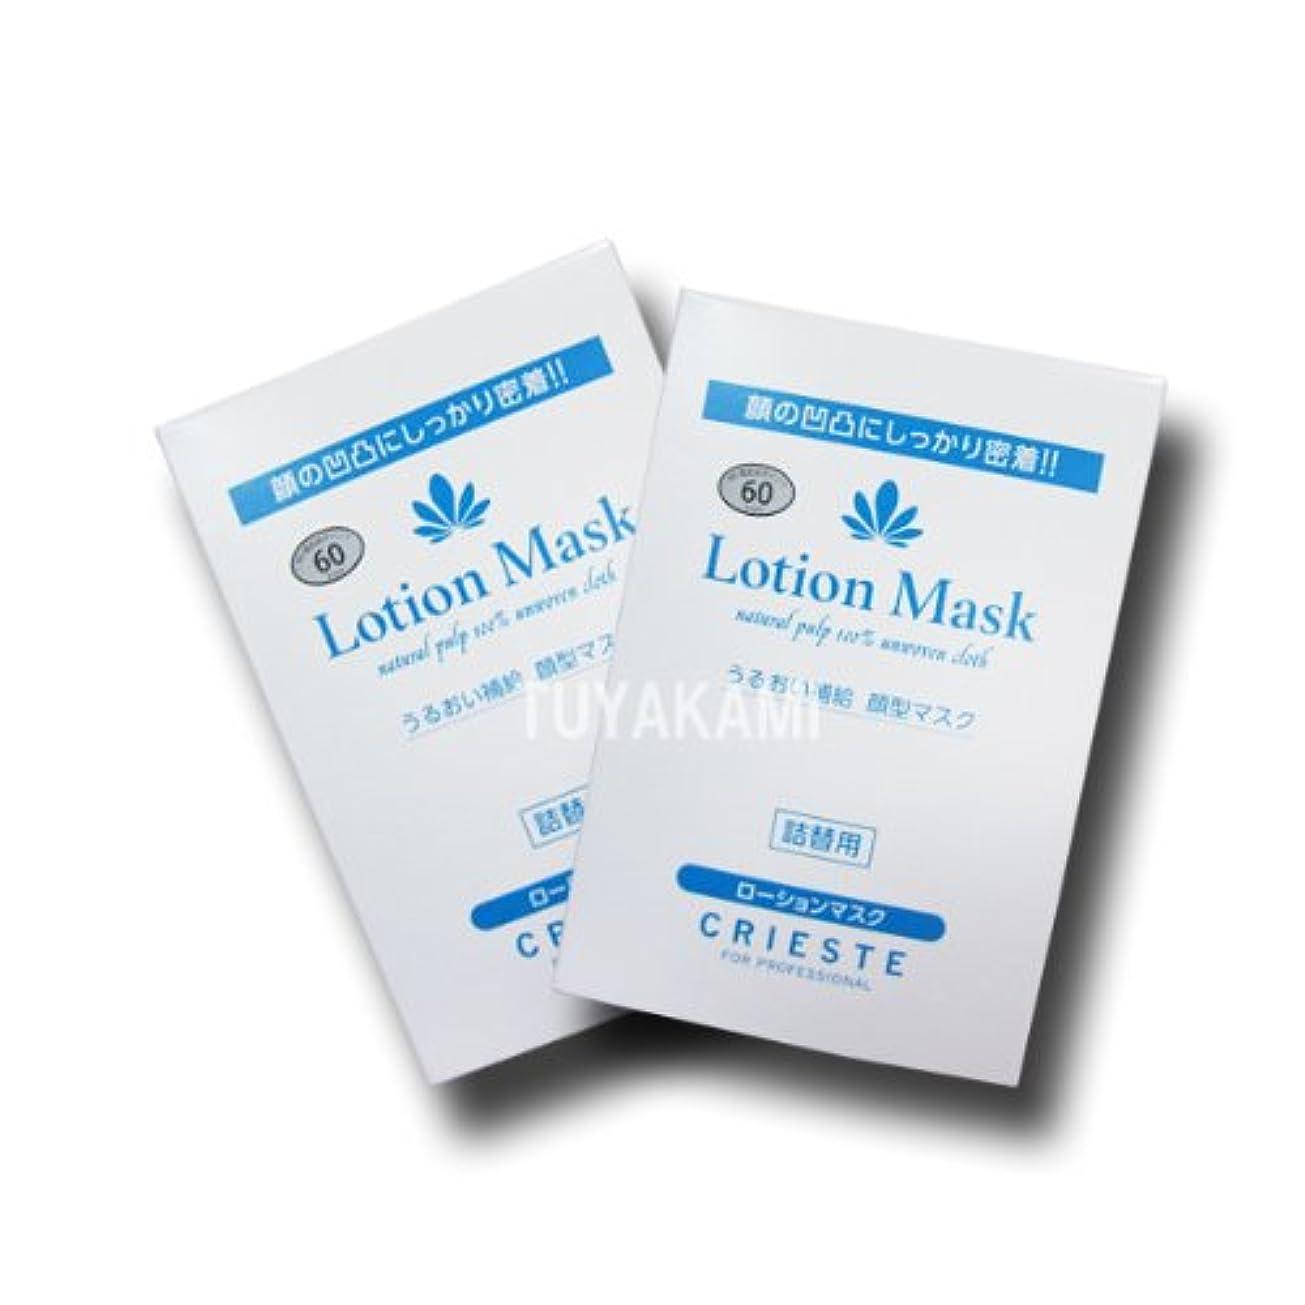 クリエステ ローションマスク 詰替用 150コ入×2個